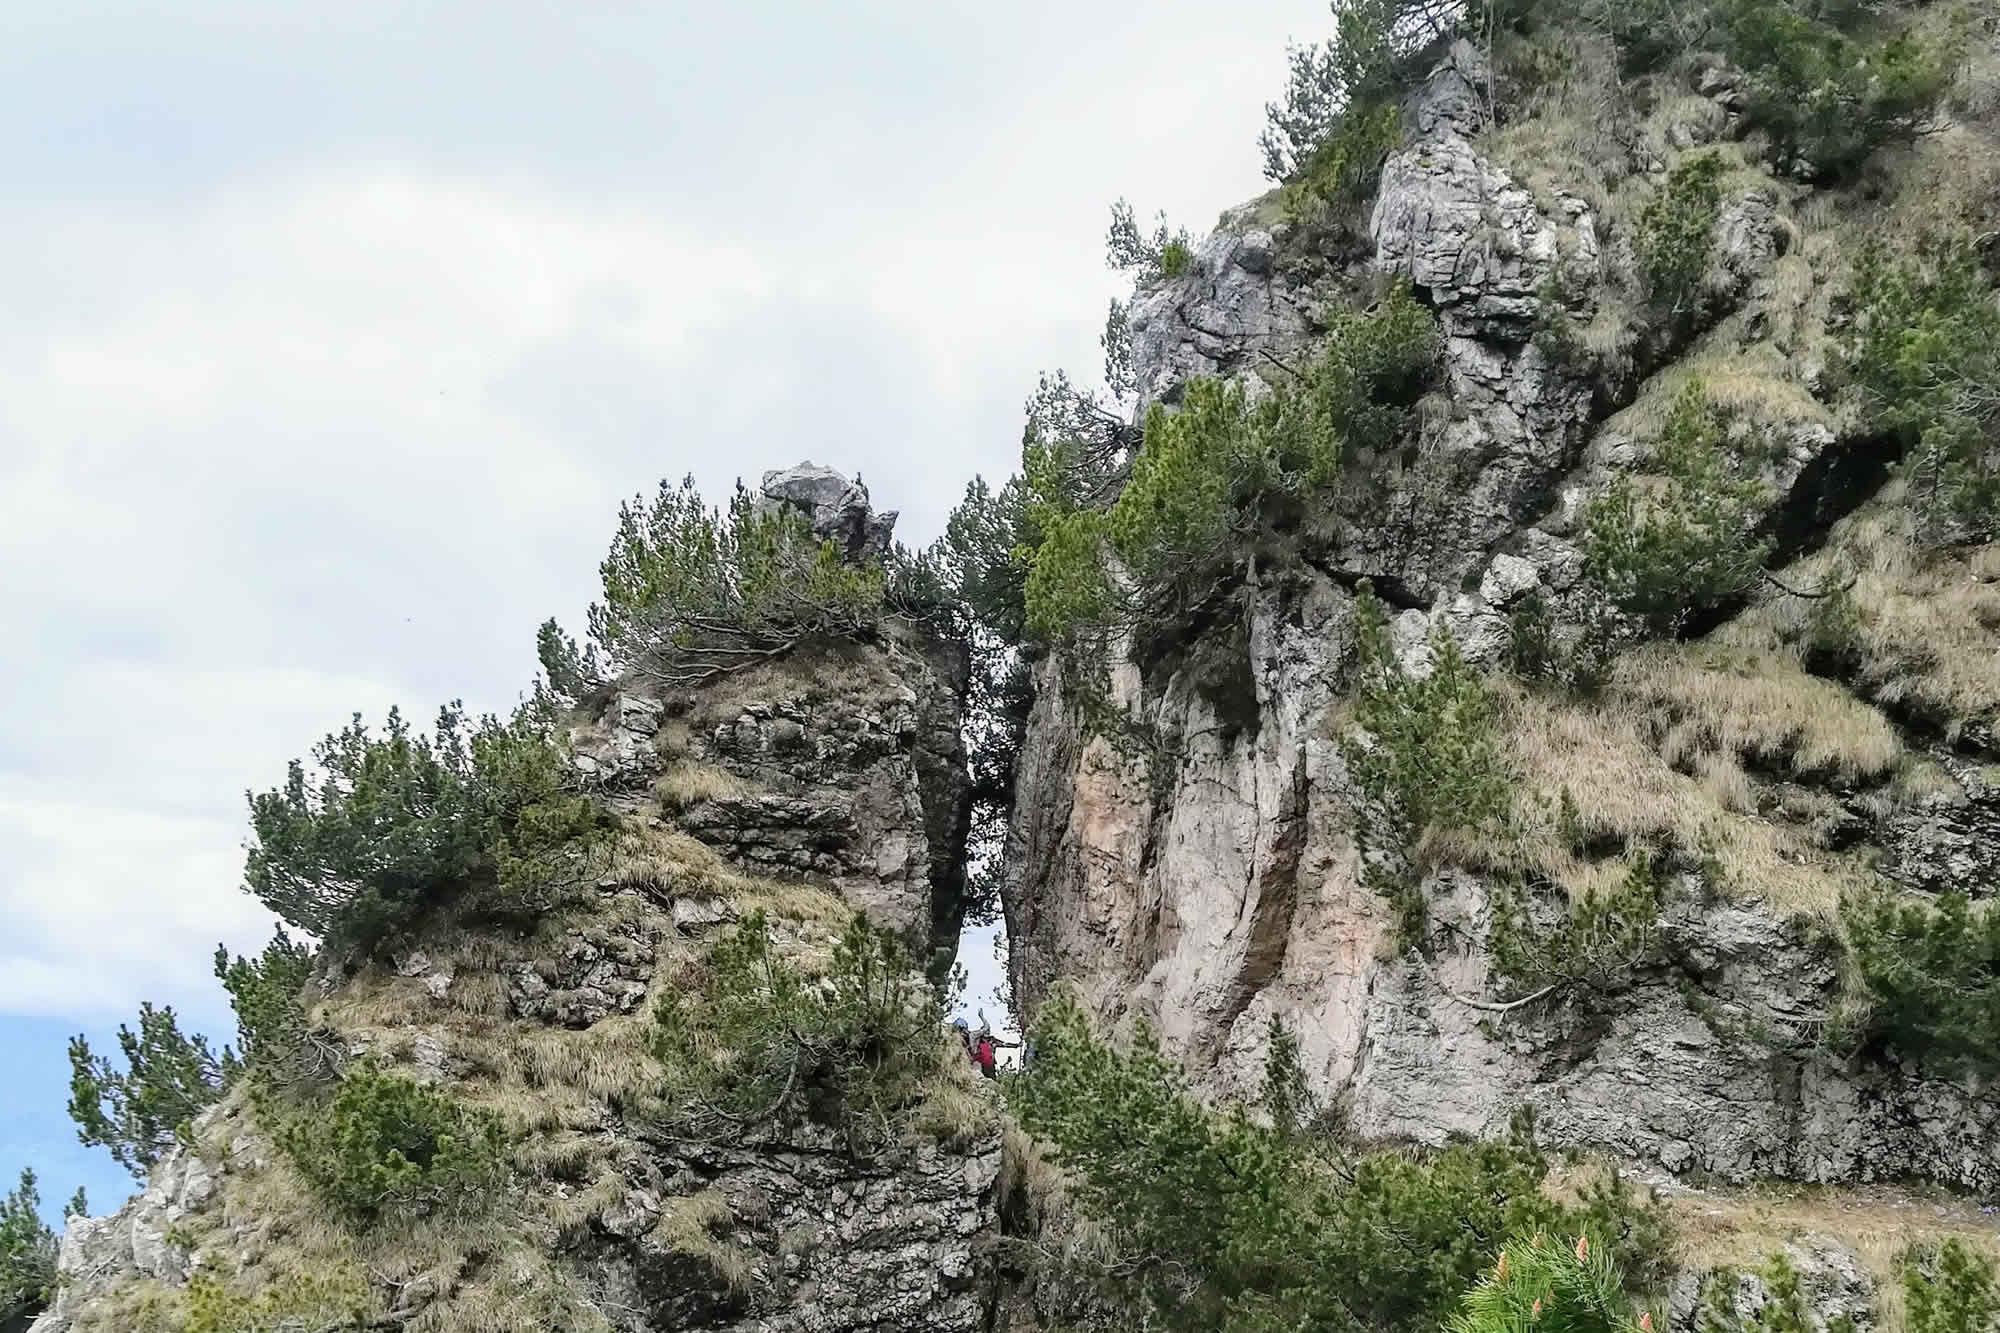 Caratteristico spacco di roccia